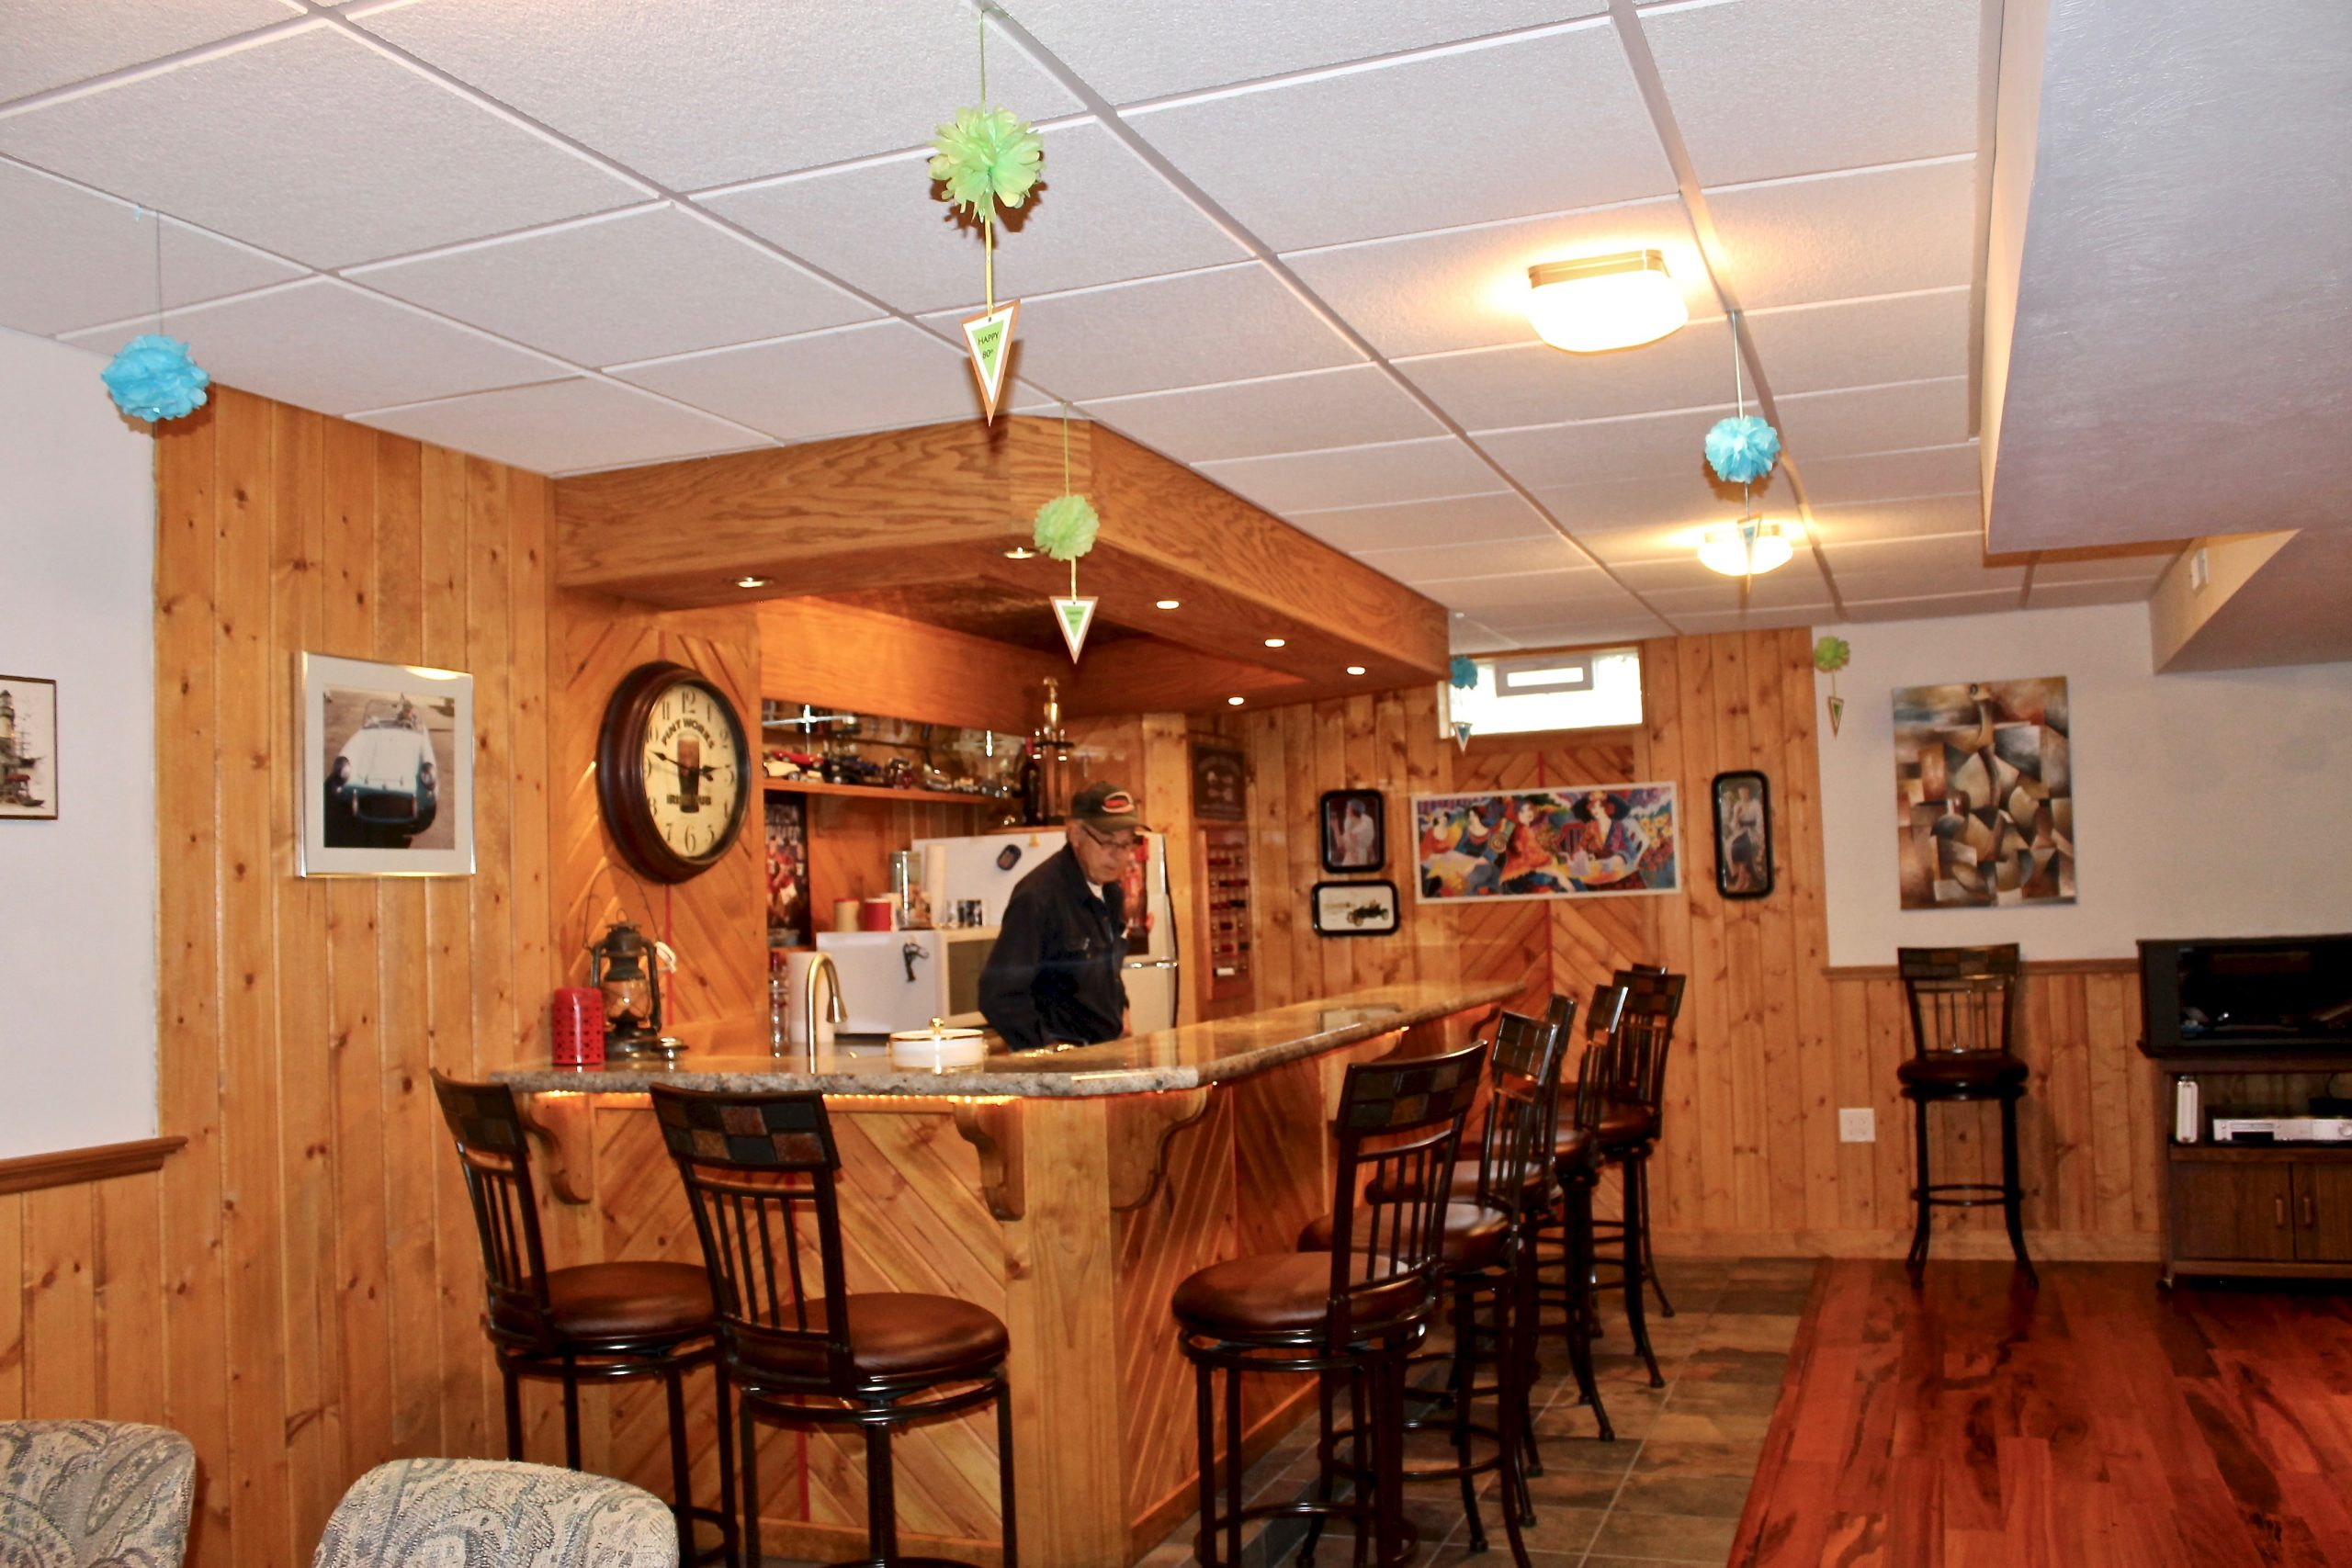 Basement Bar After